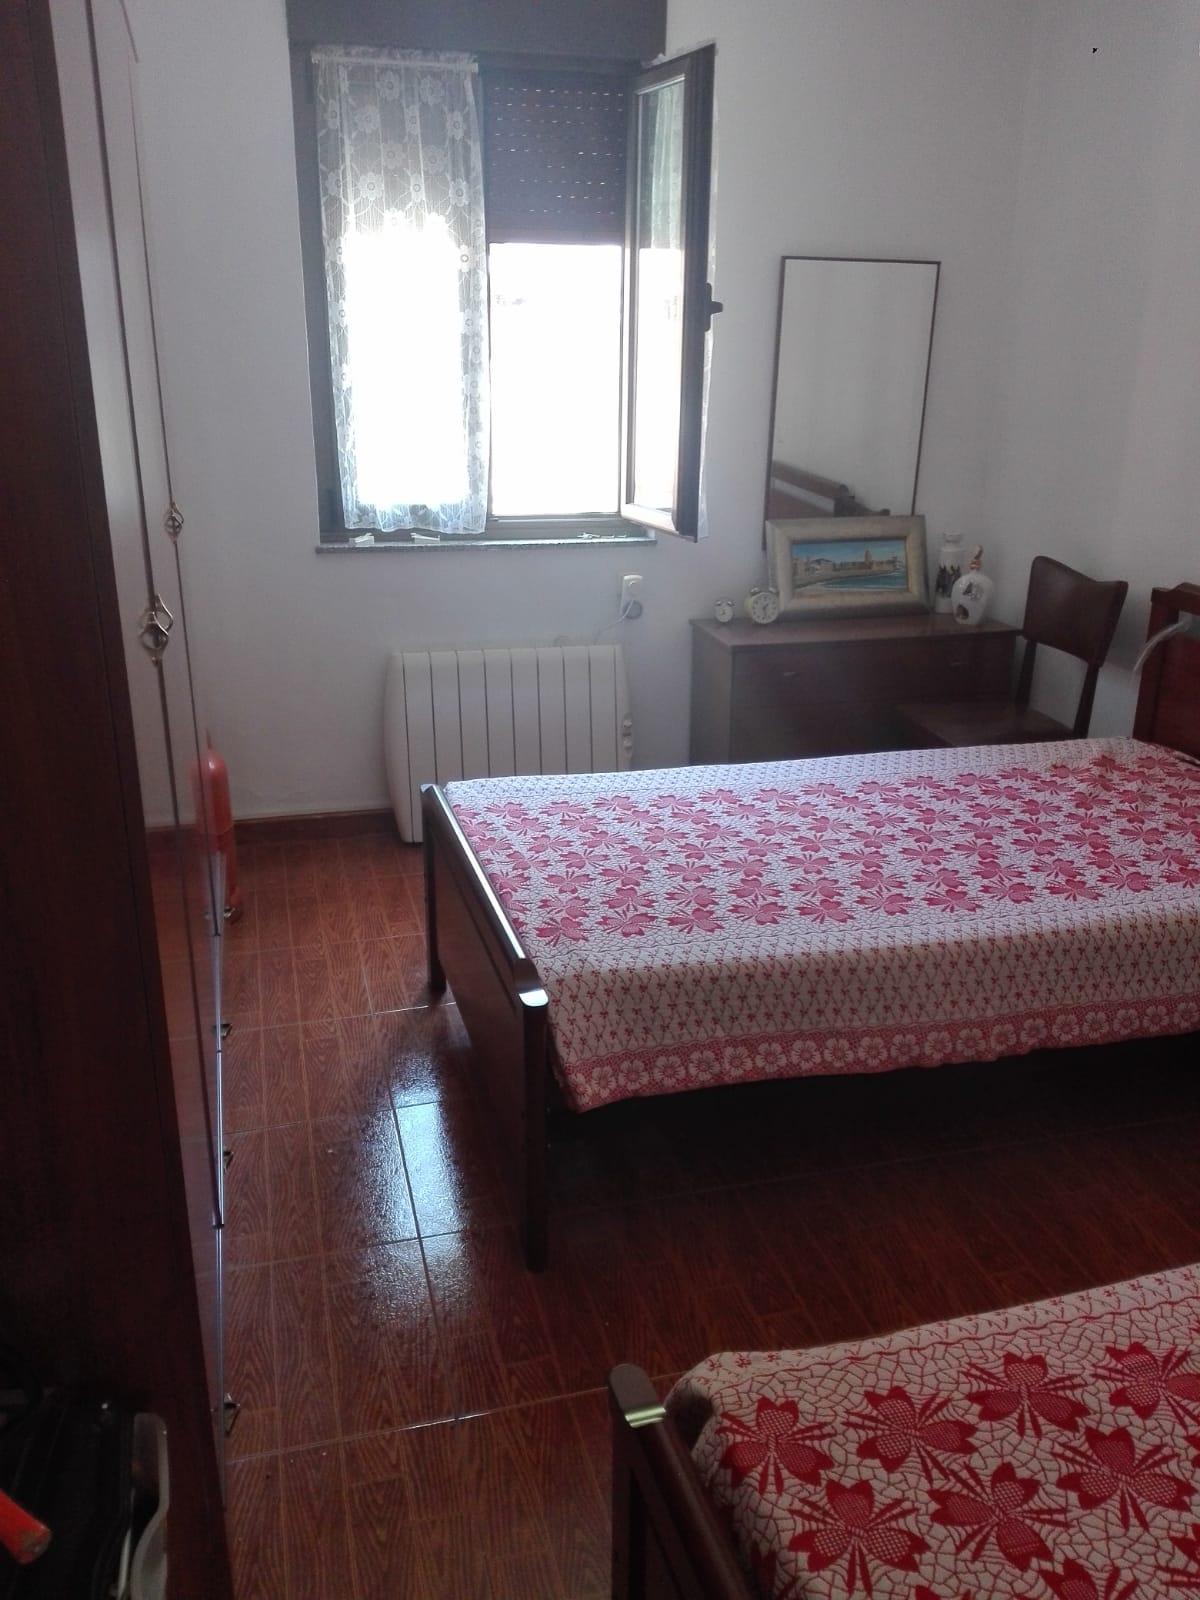 Económico piso en Blimea – Puerto Pino